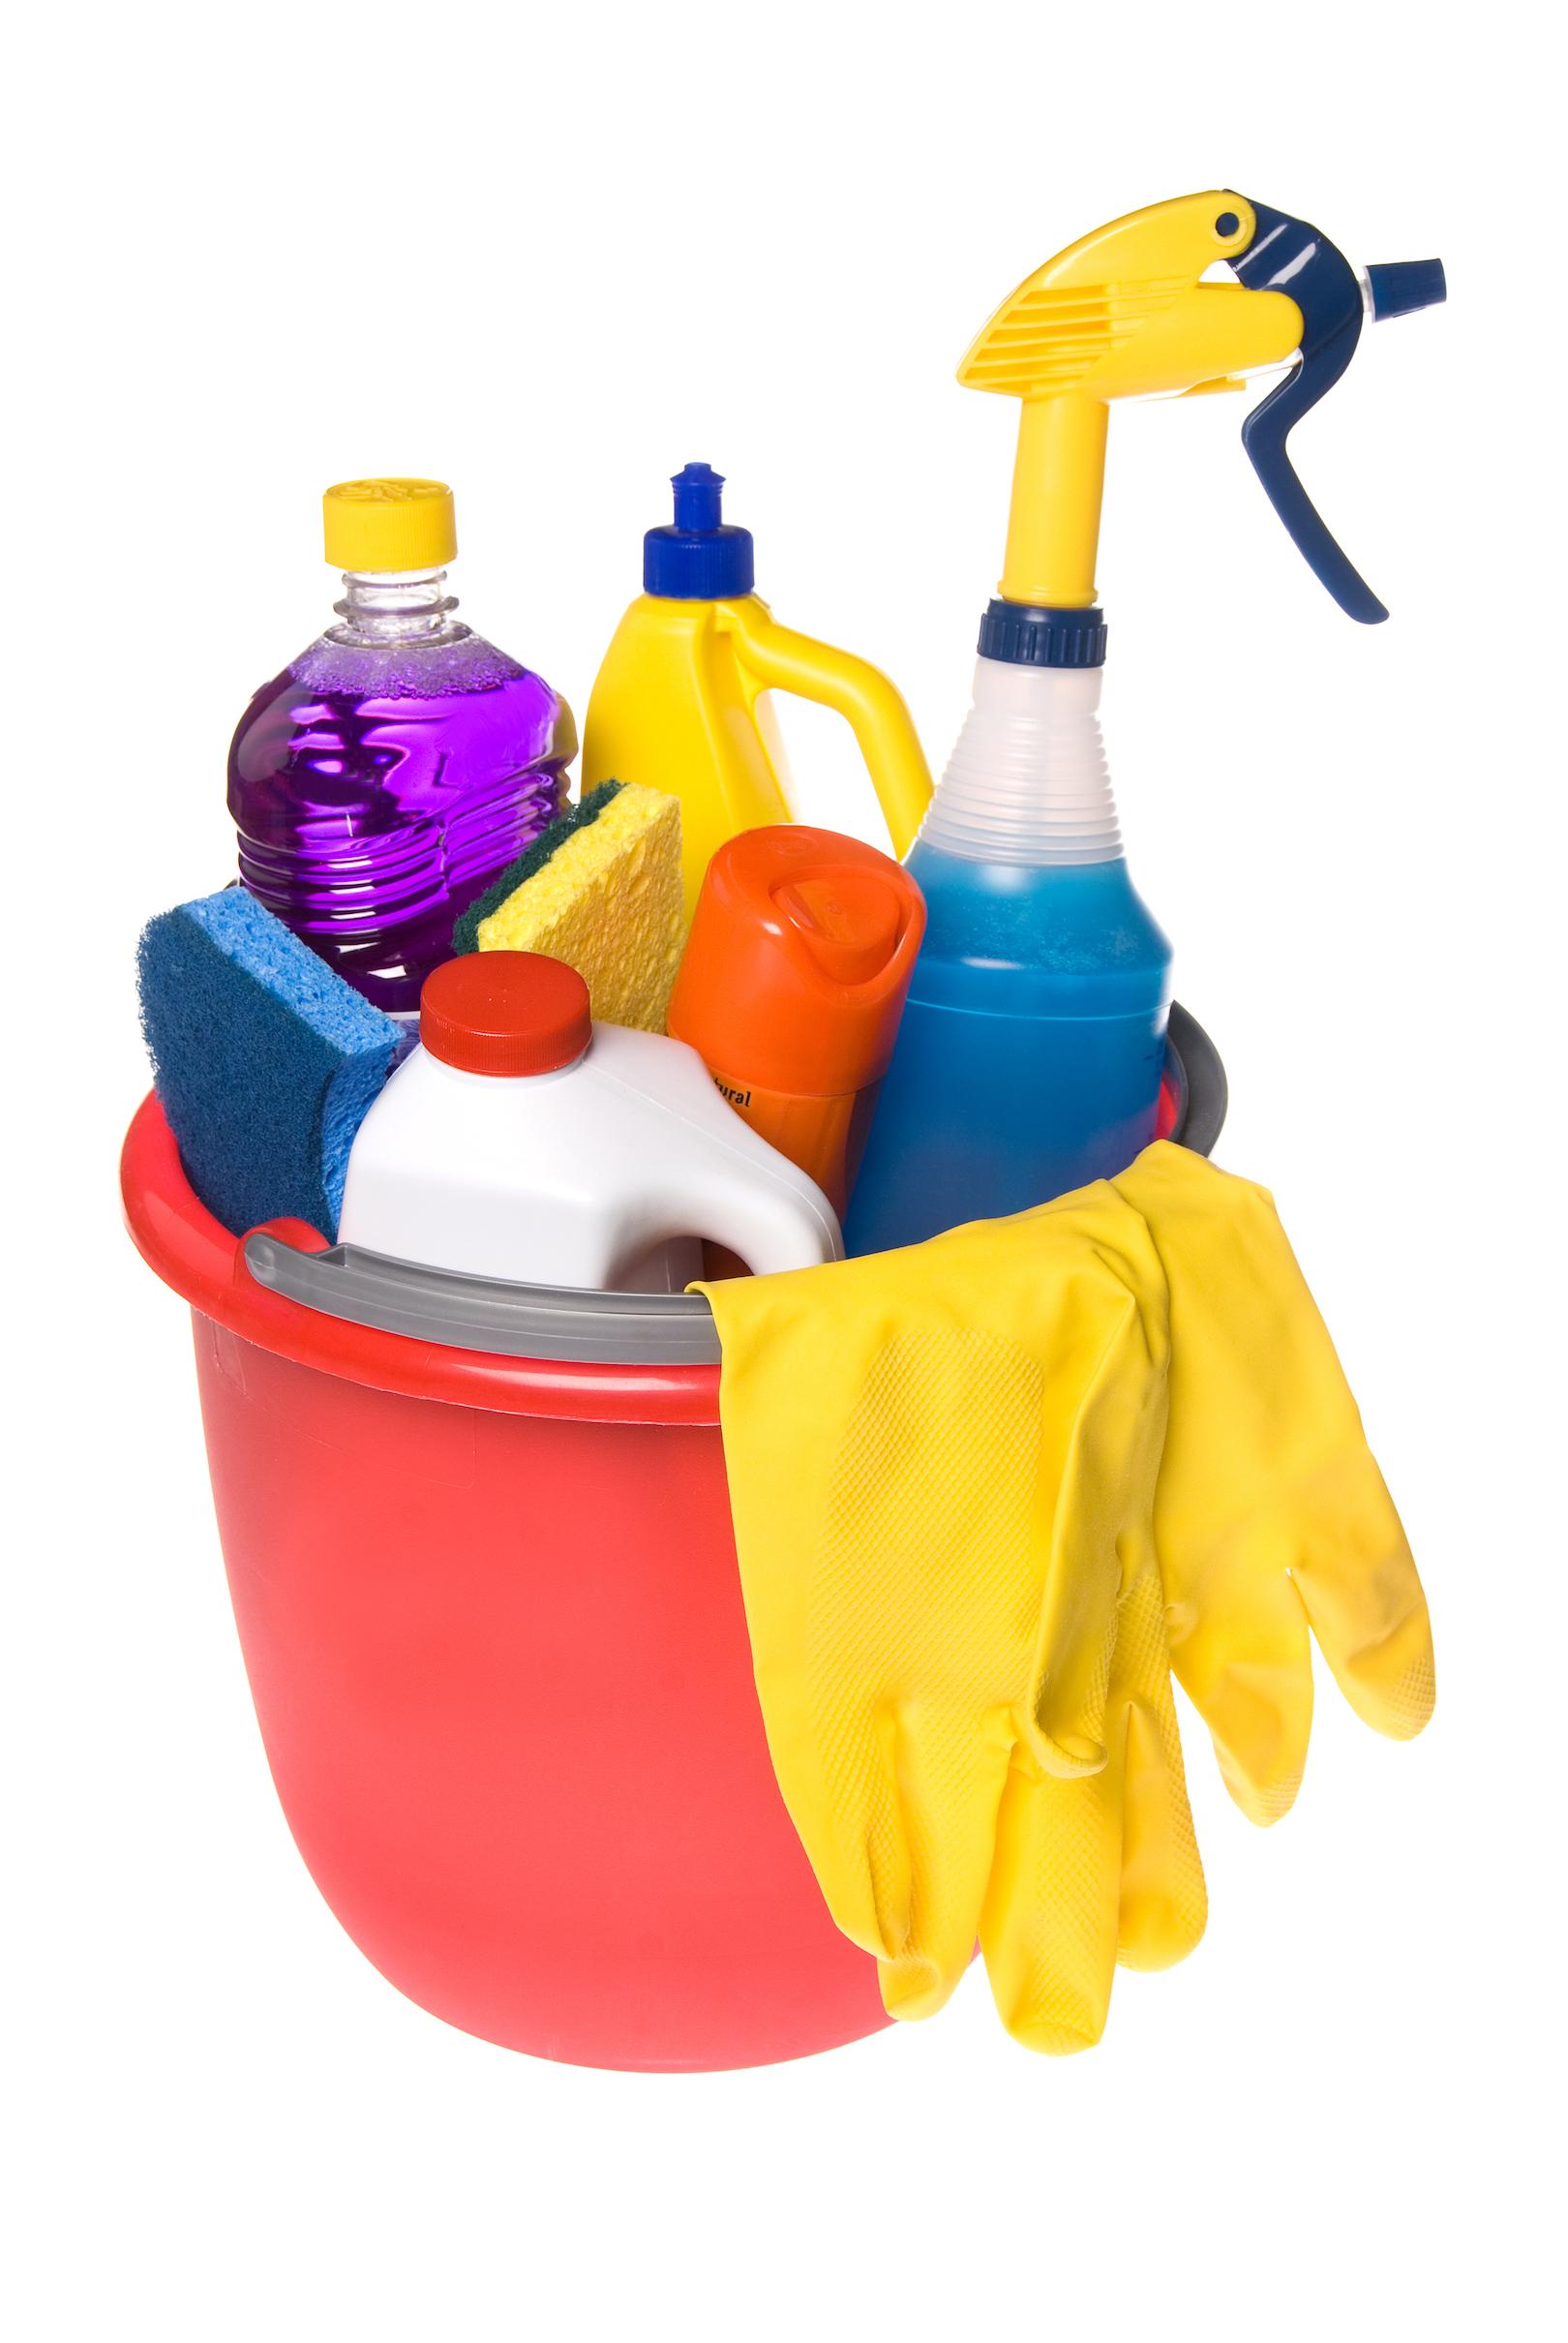 cubo-de-plastico-lleno-de-productos-para-limpieza